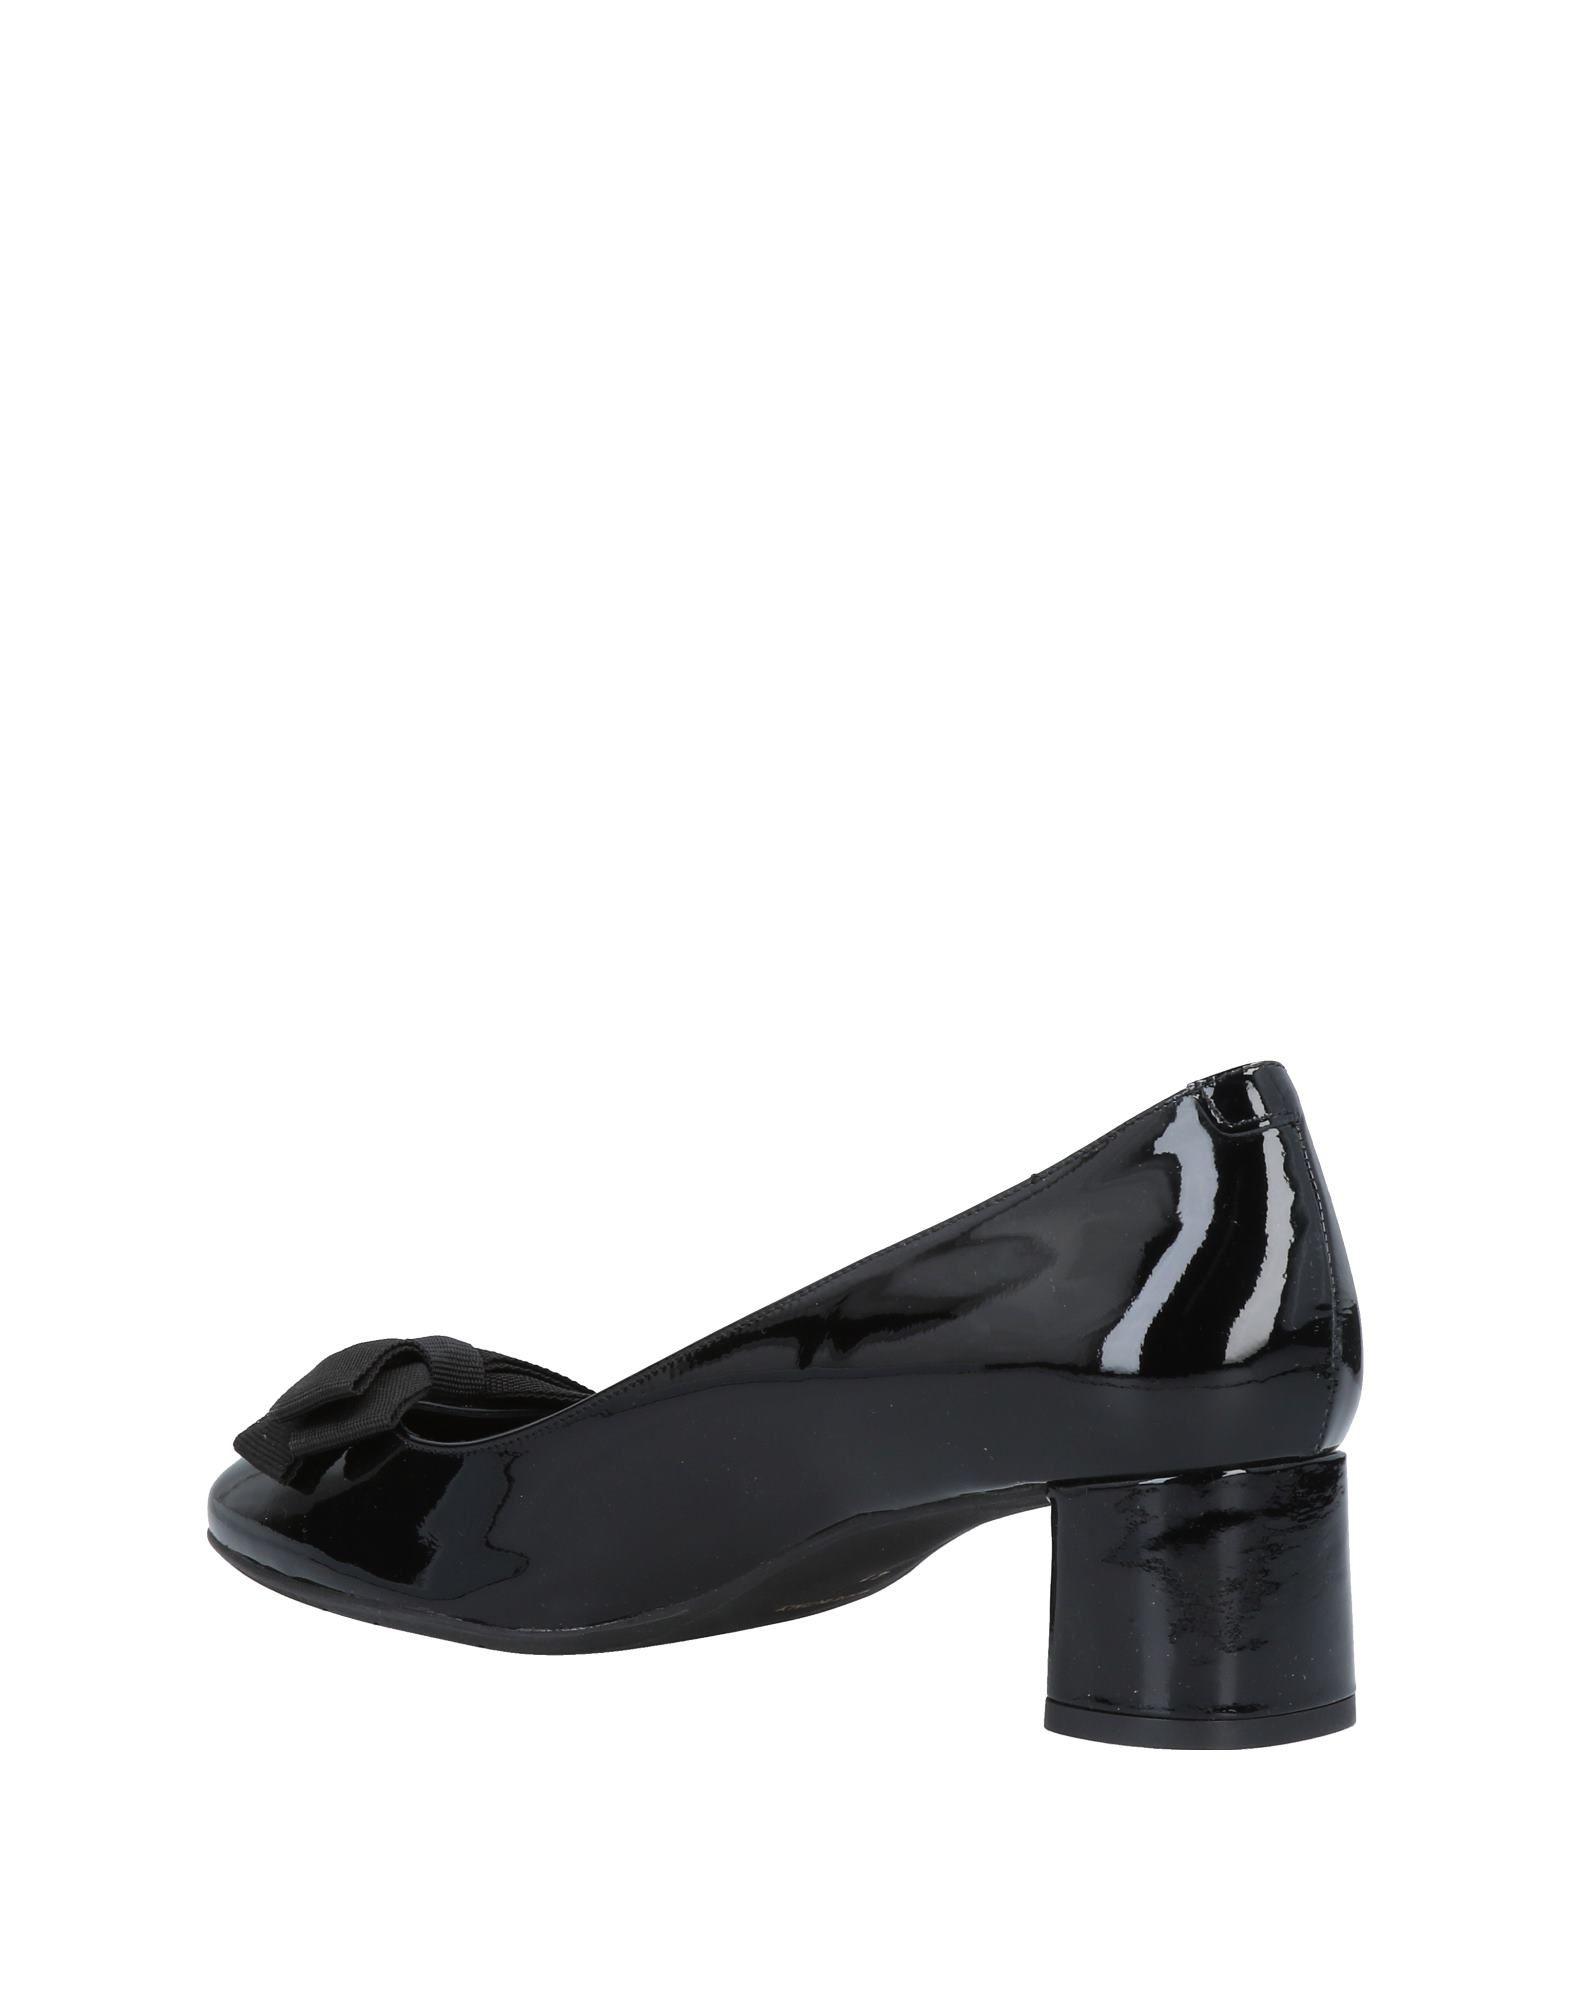 Guglielmo Rotta Pumps Damen  11489311IO Gute Qualität beliebte beliebte beliebte Schuhe c621dc